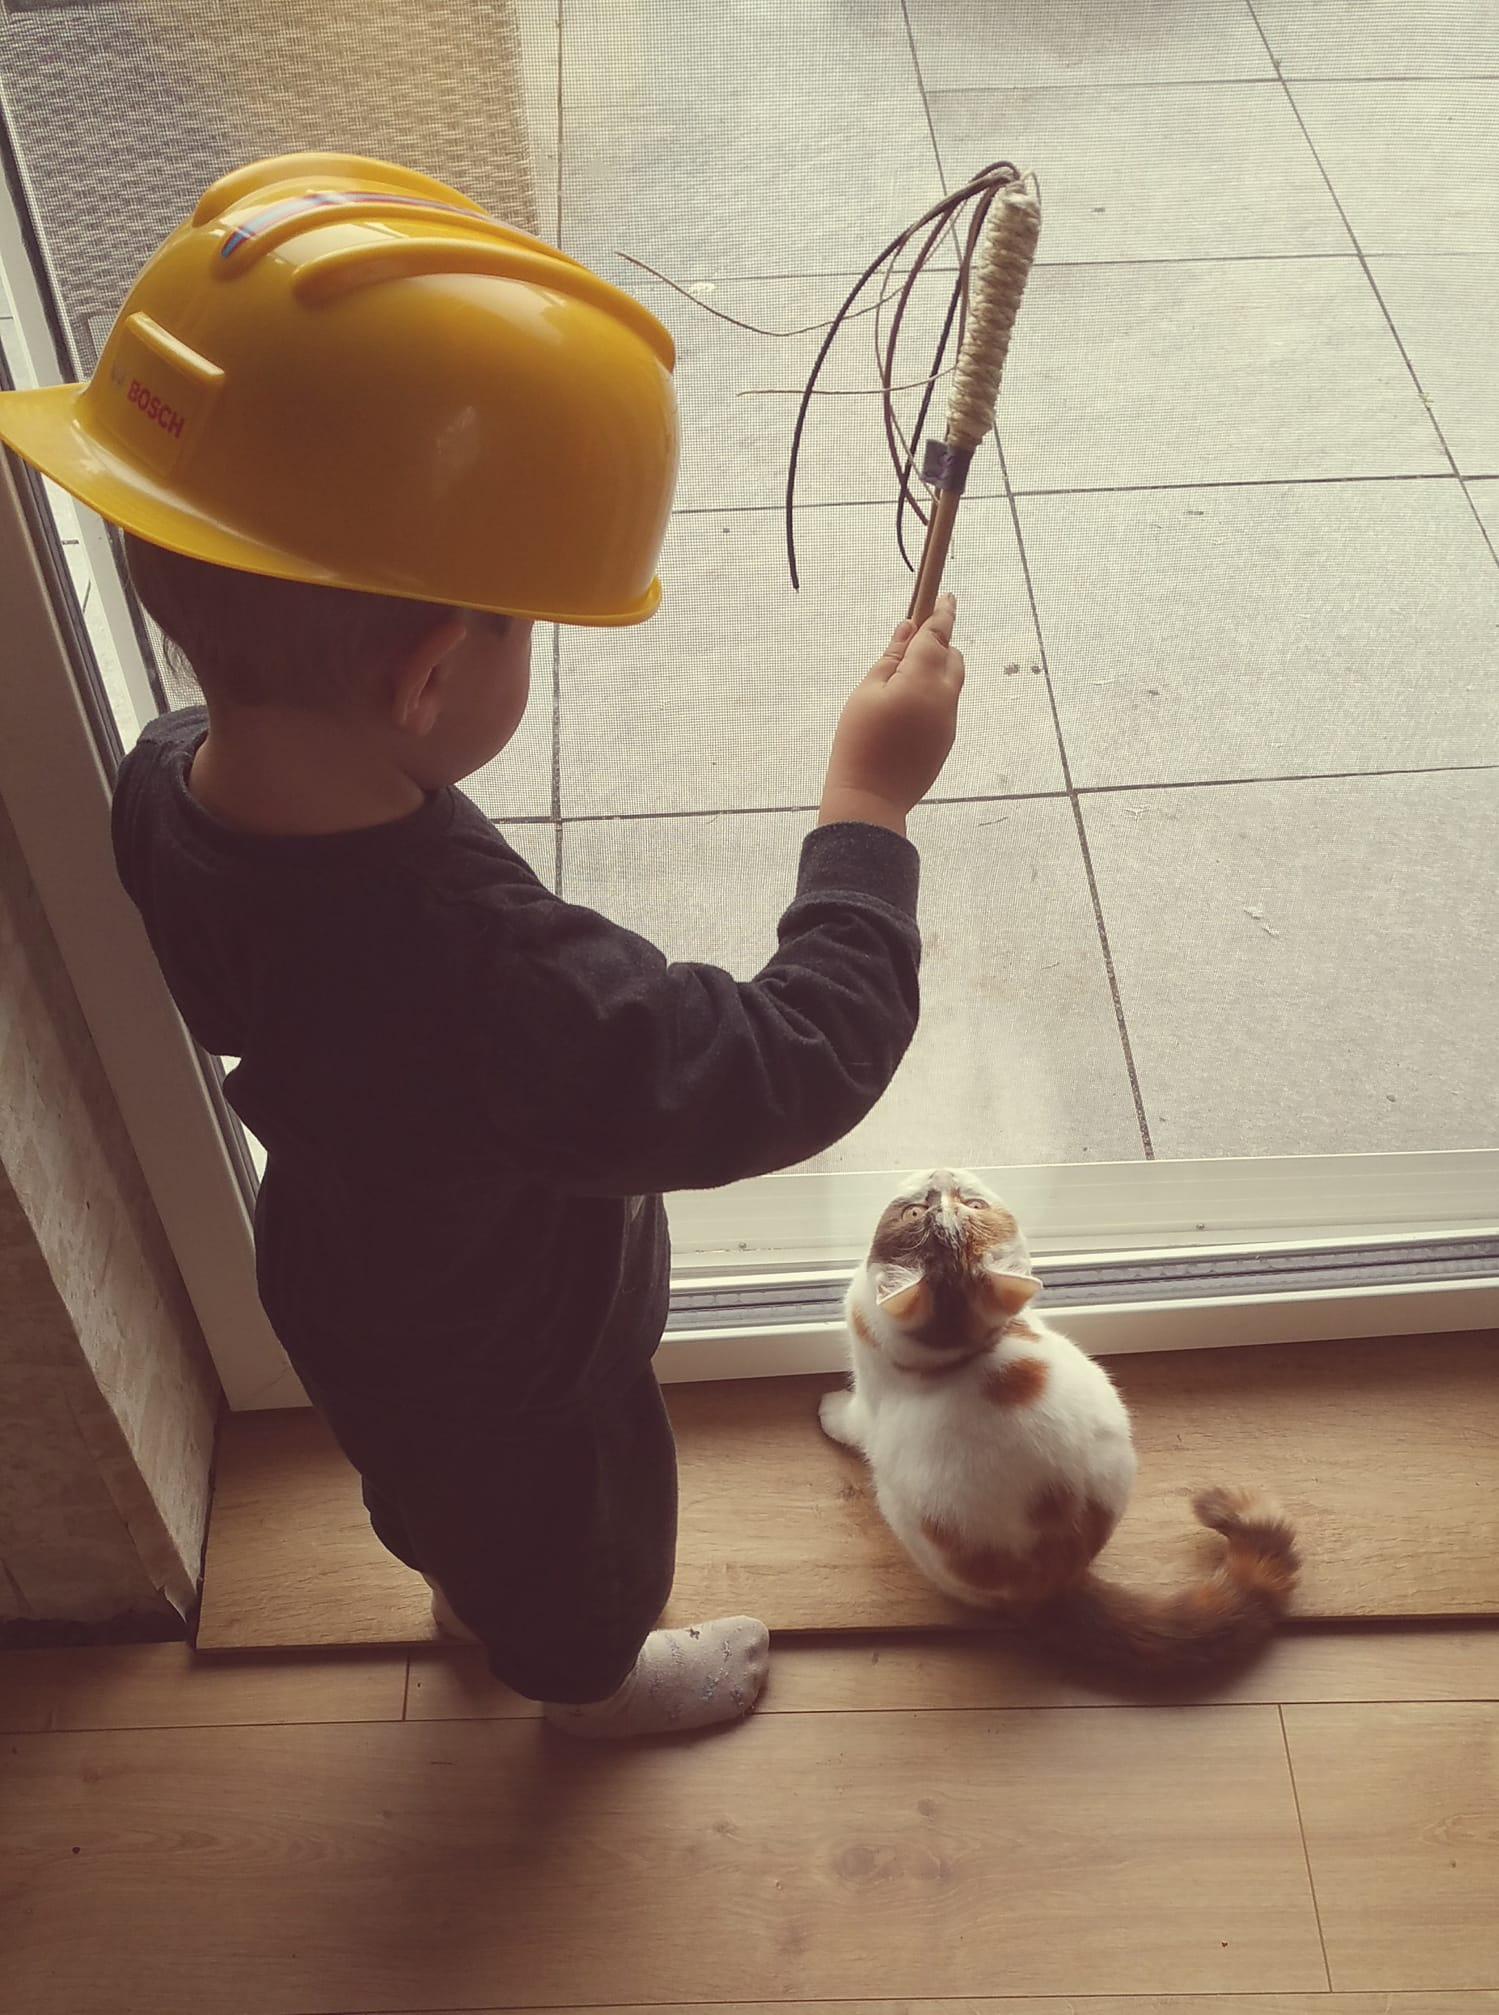 Früh übt sich, wer Katzen trainieren will!